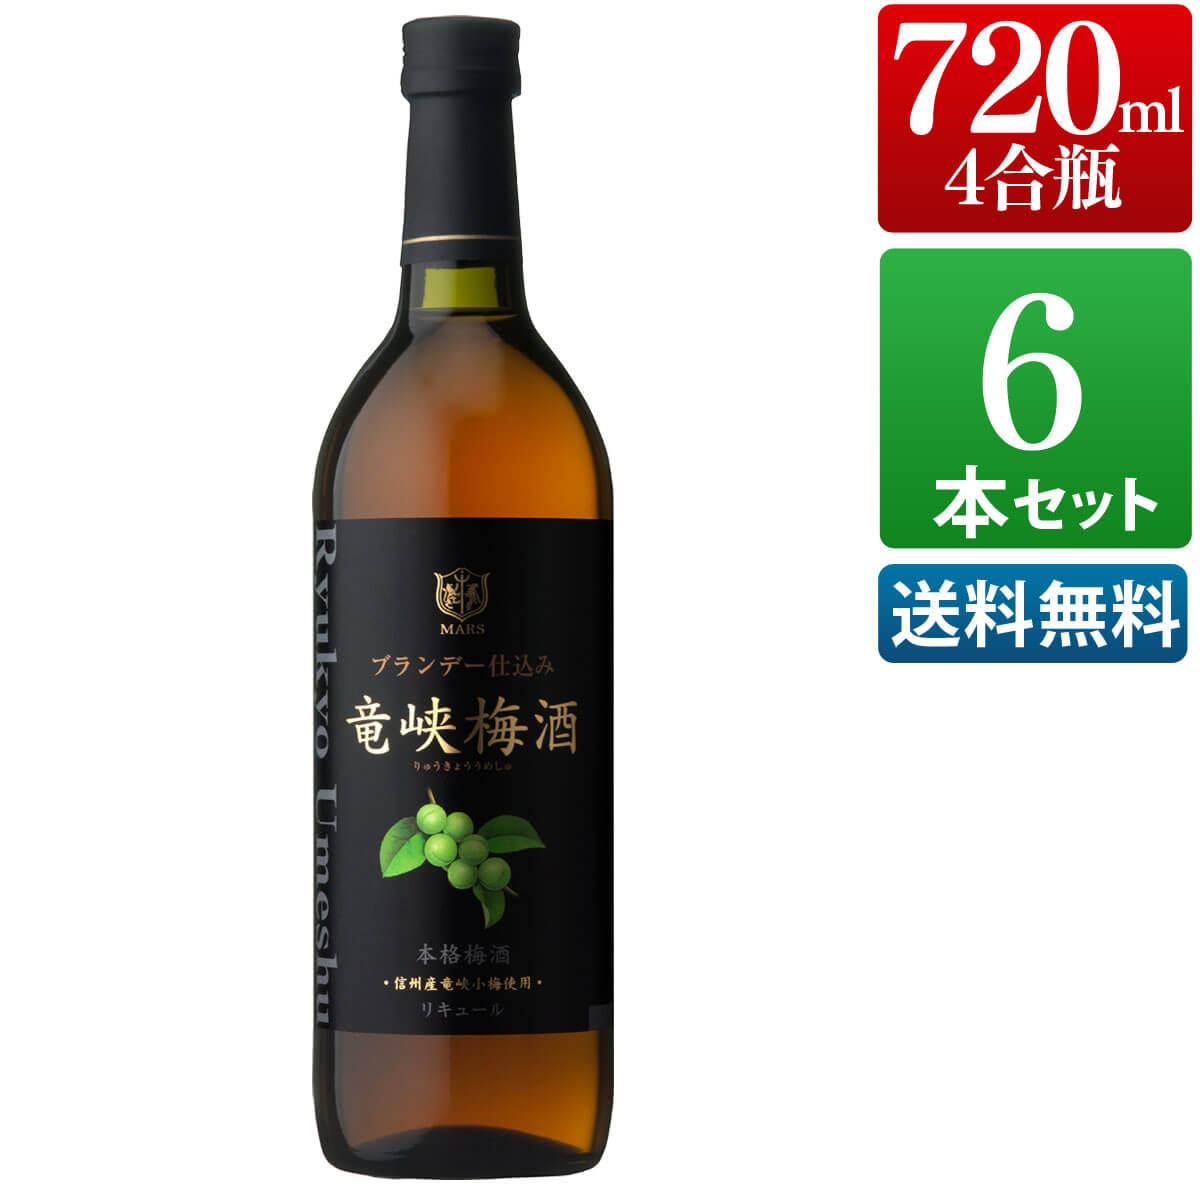 本格梅酒 6本セット 竜峡梅酒 14度 720ml [ 本坊酒造 梅酒 / 送料無料 ] 【本坊酒造 公式通販】